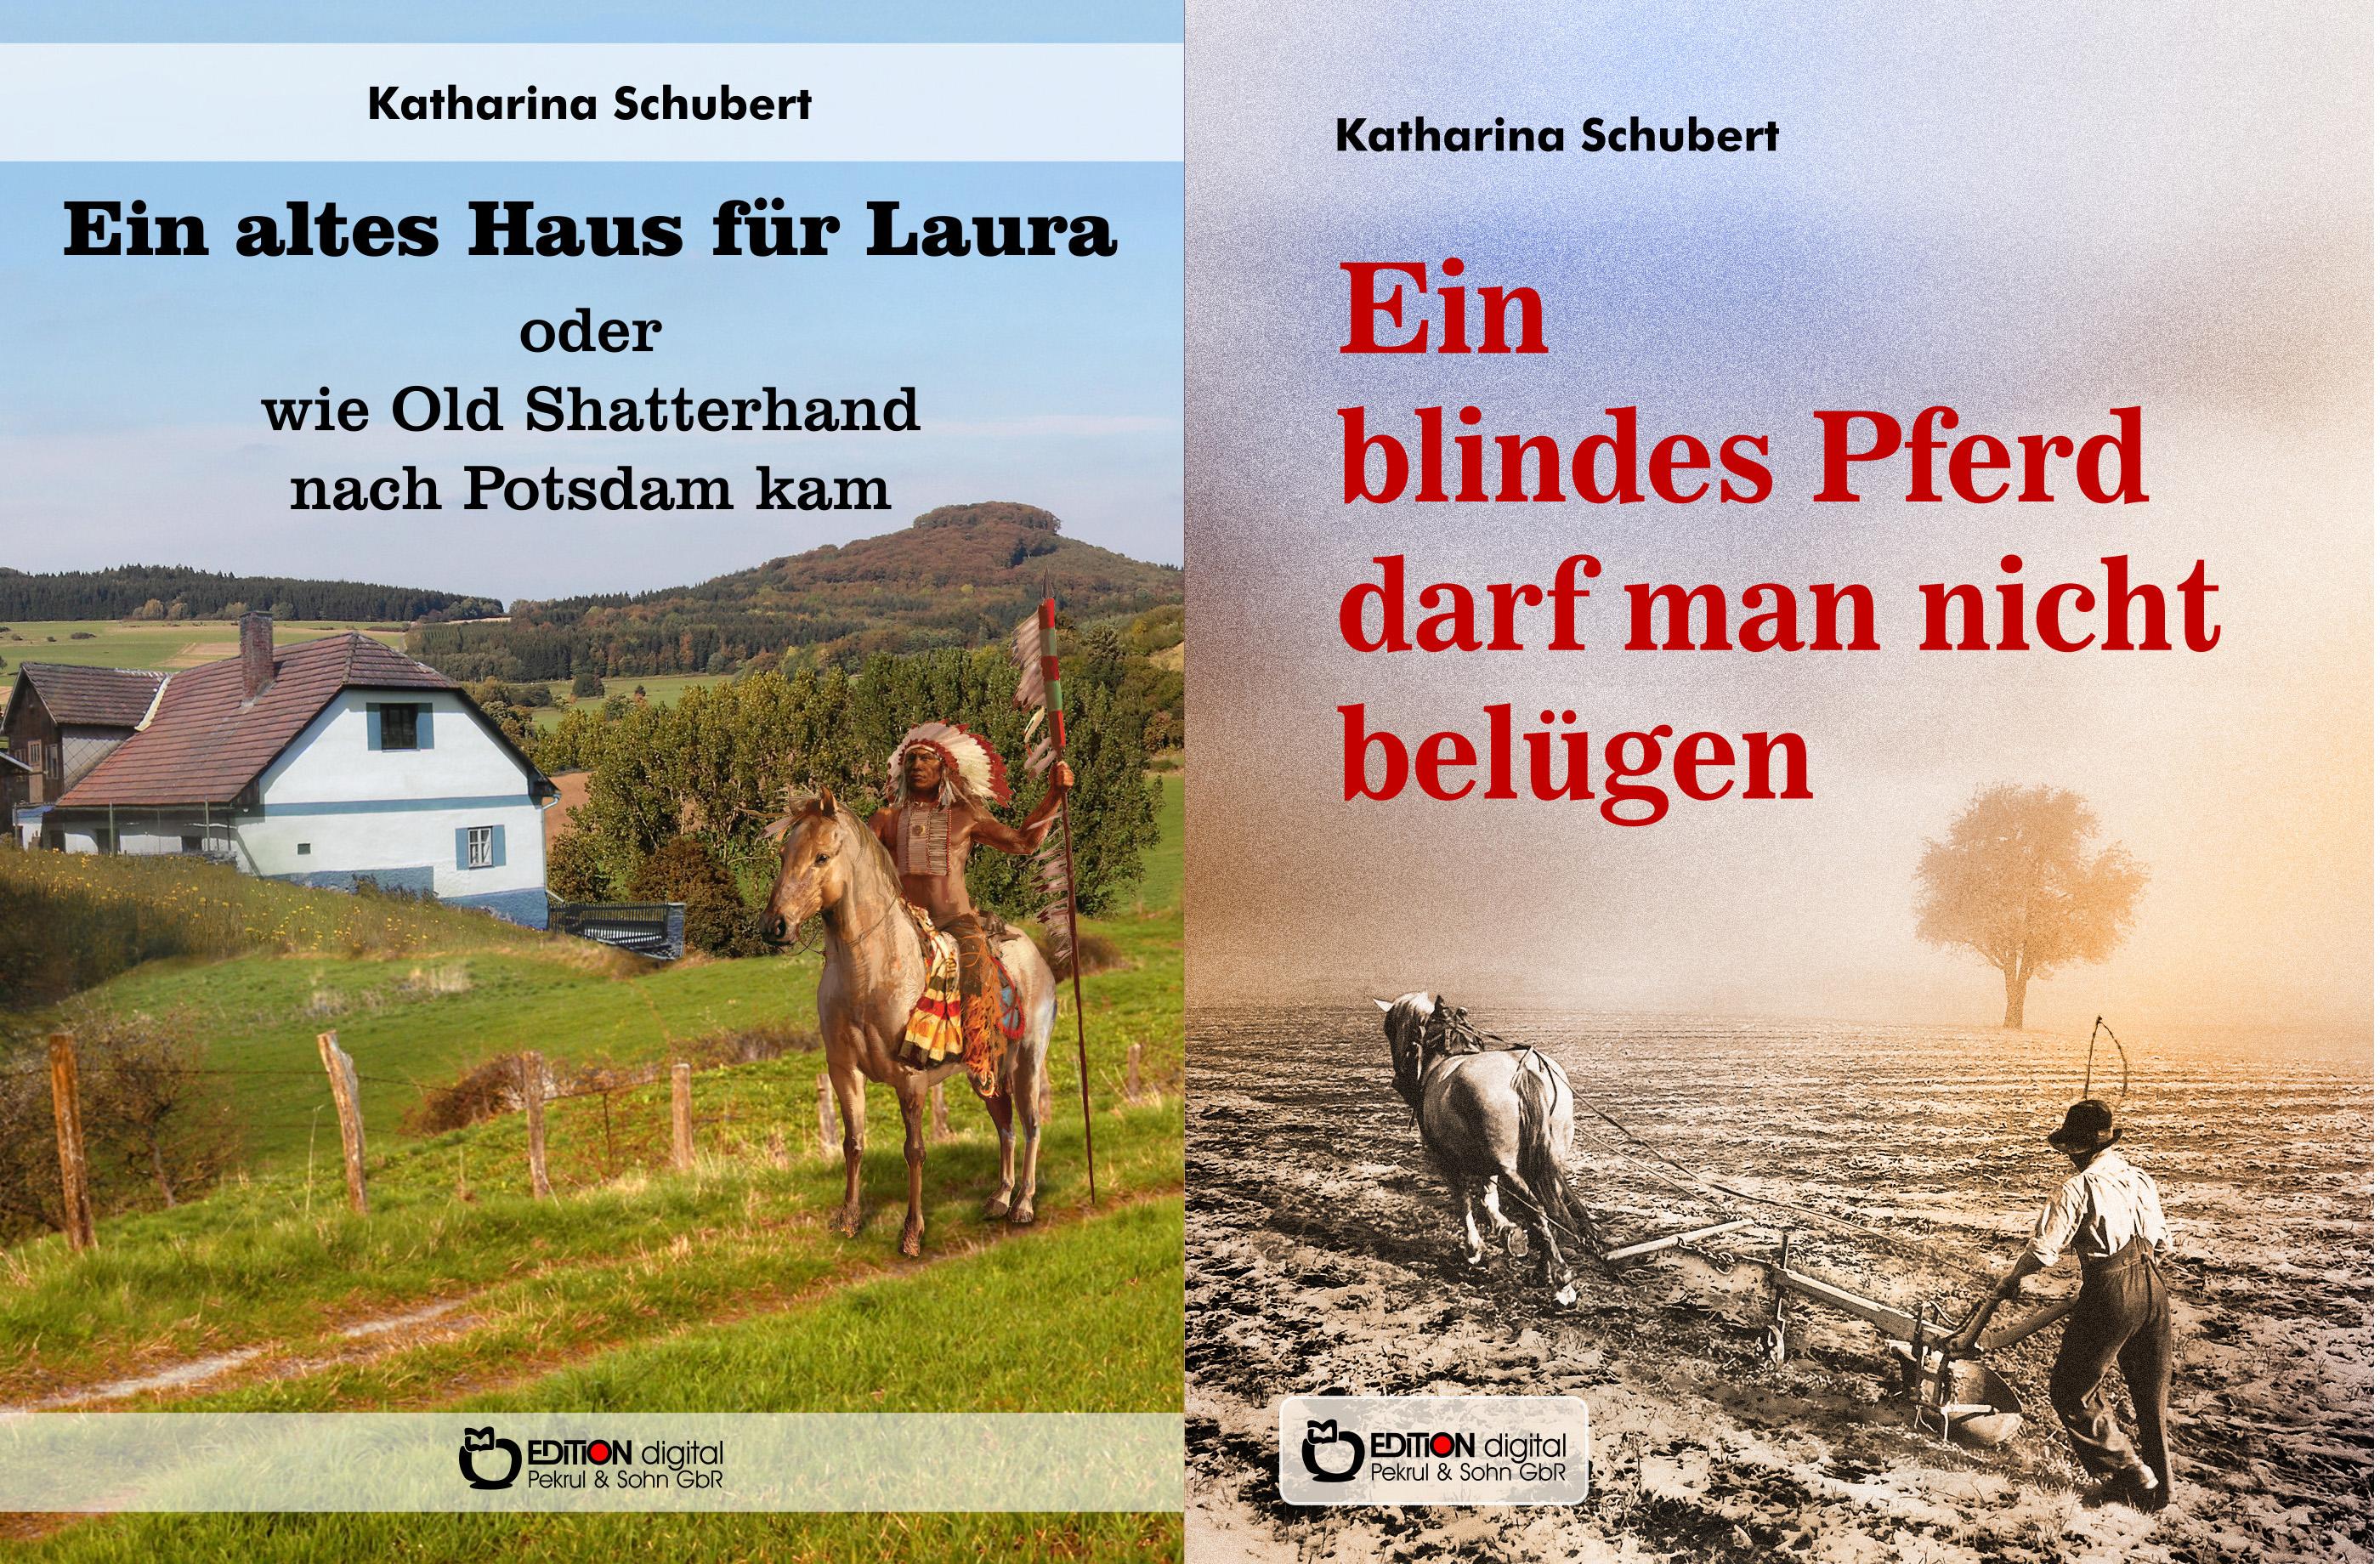 2013-09-05 Schubert_Katharina